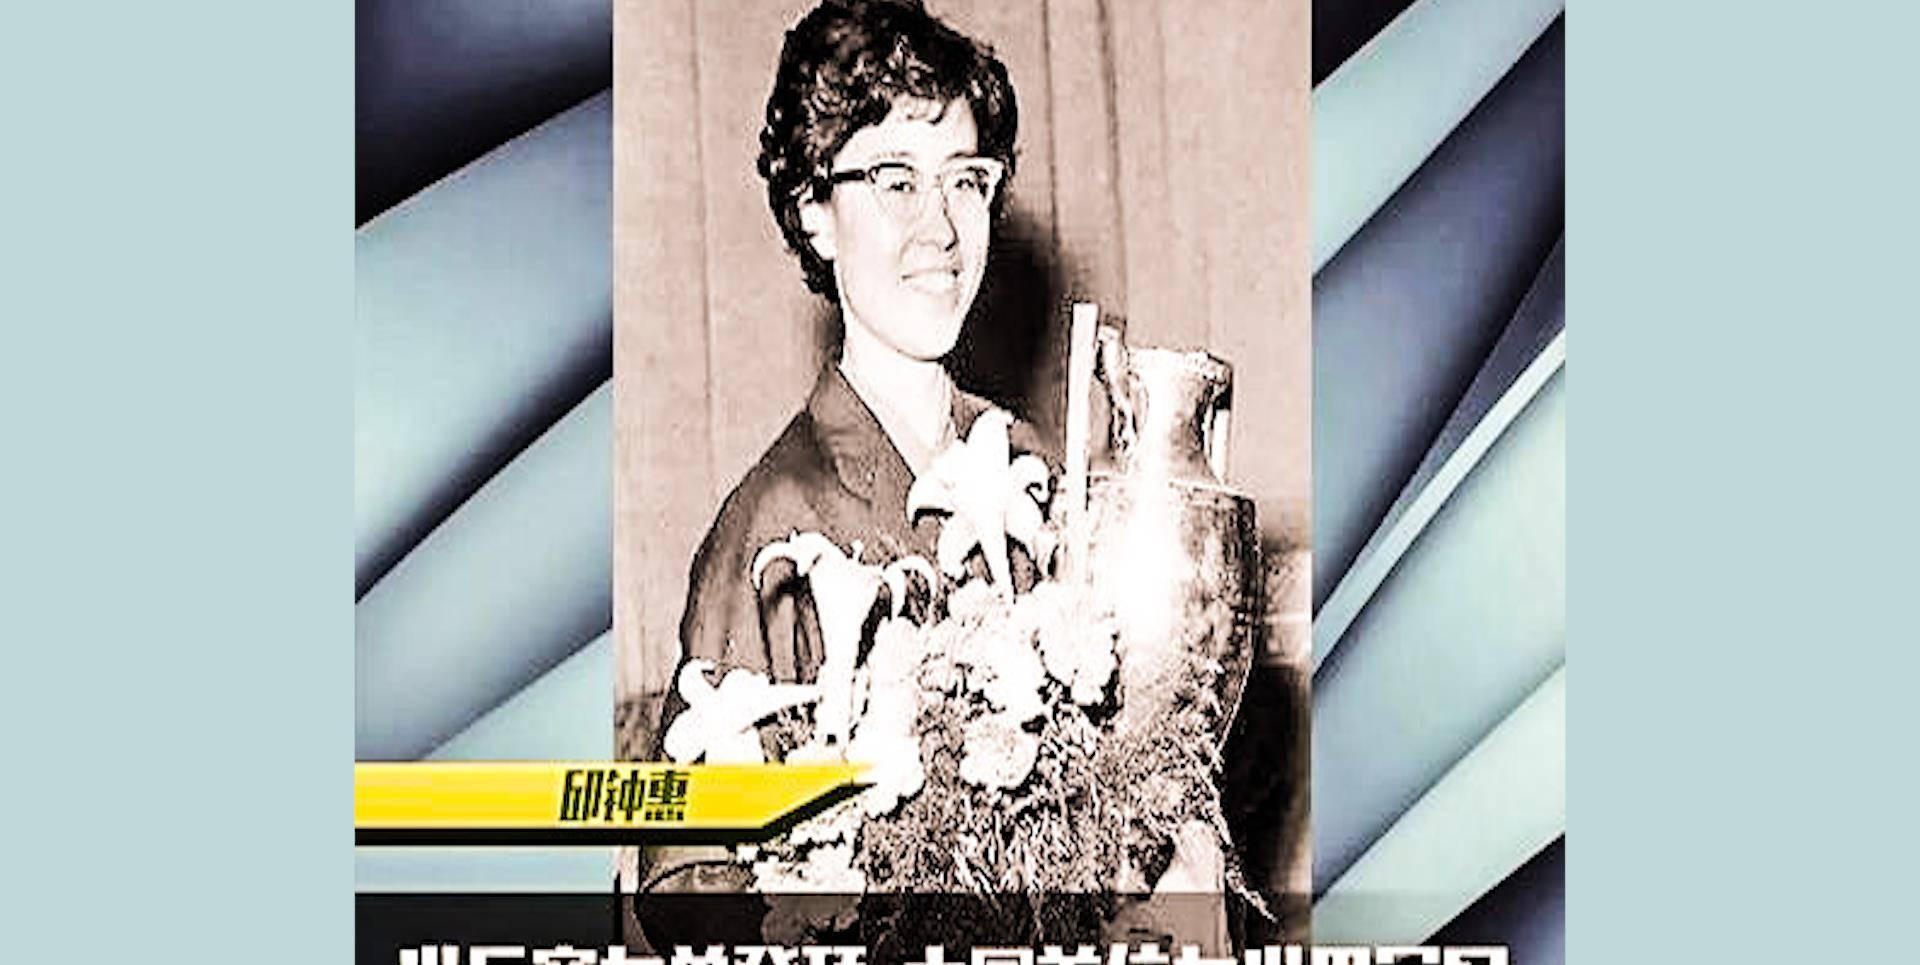 往事岁月:一位排球运动员,却夺得了中国首位世界乒乓球女子冠军